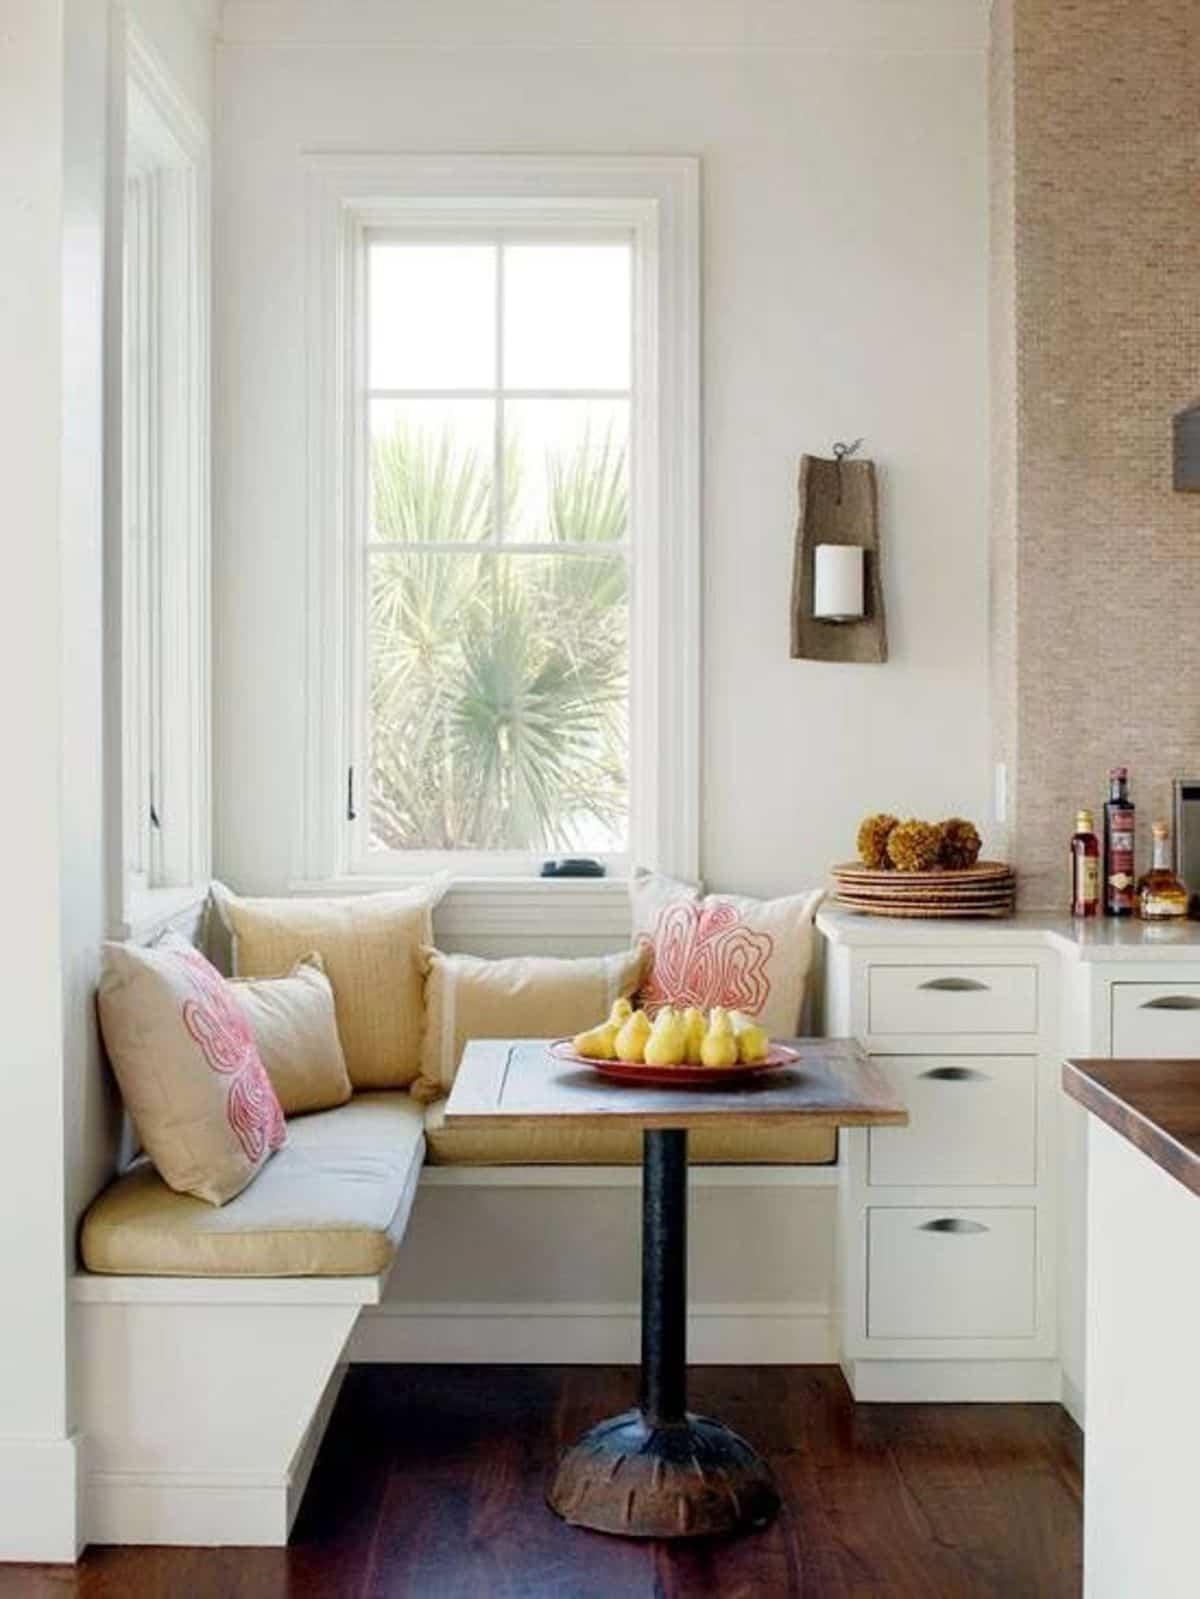 como crear una zona de desayuno en la cocina 9